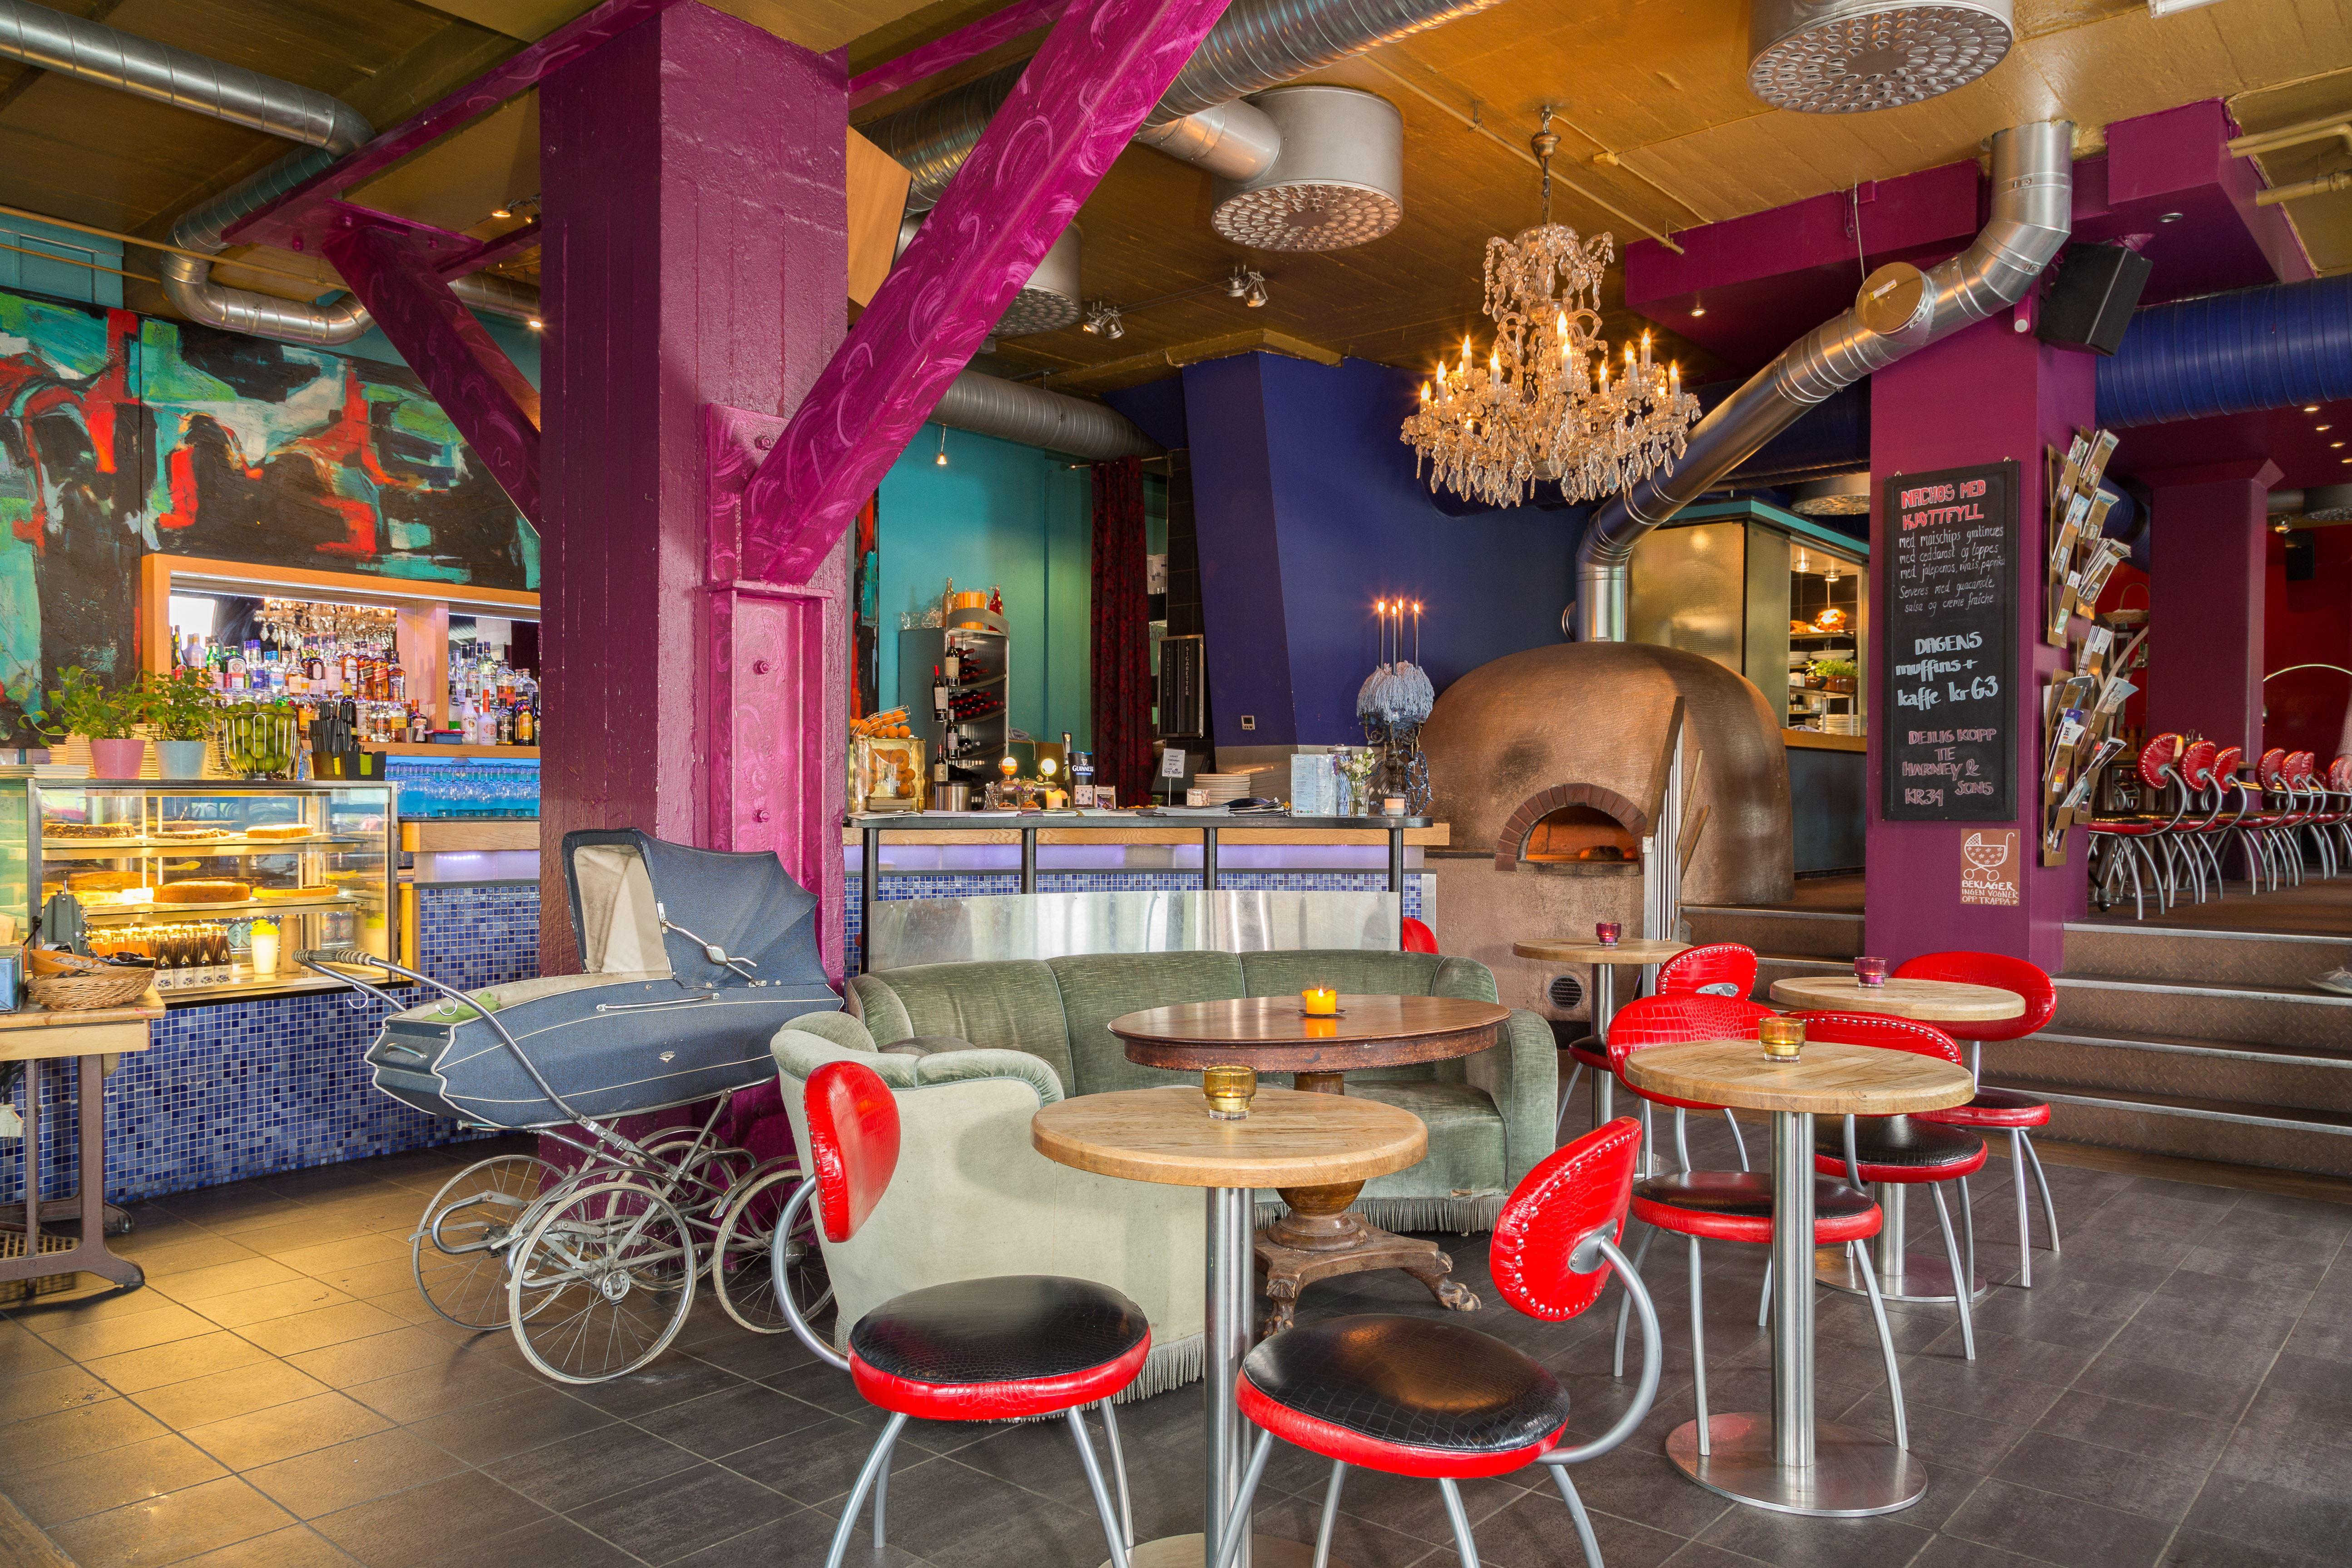 Café Bare Blåbær/Sven-Erik Knoff, Et uformelt sted med meny for både lunsj og middag.